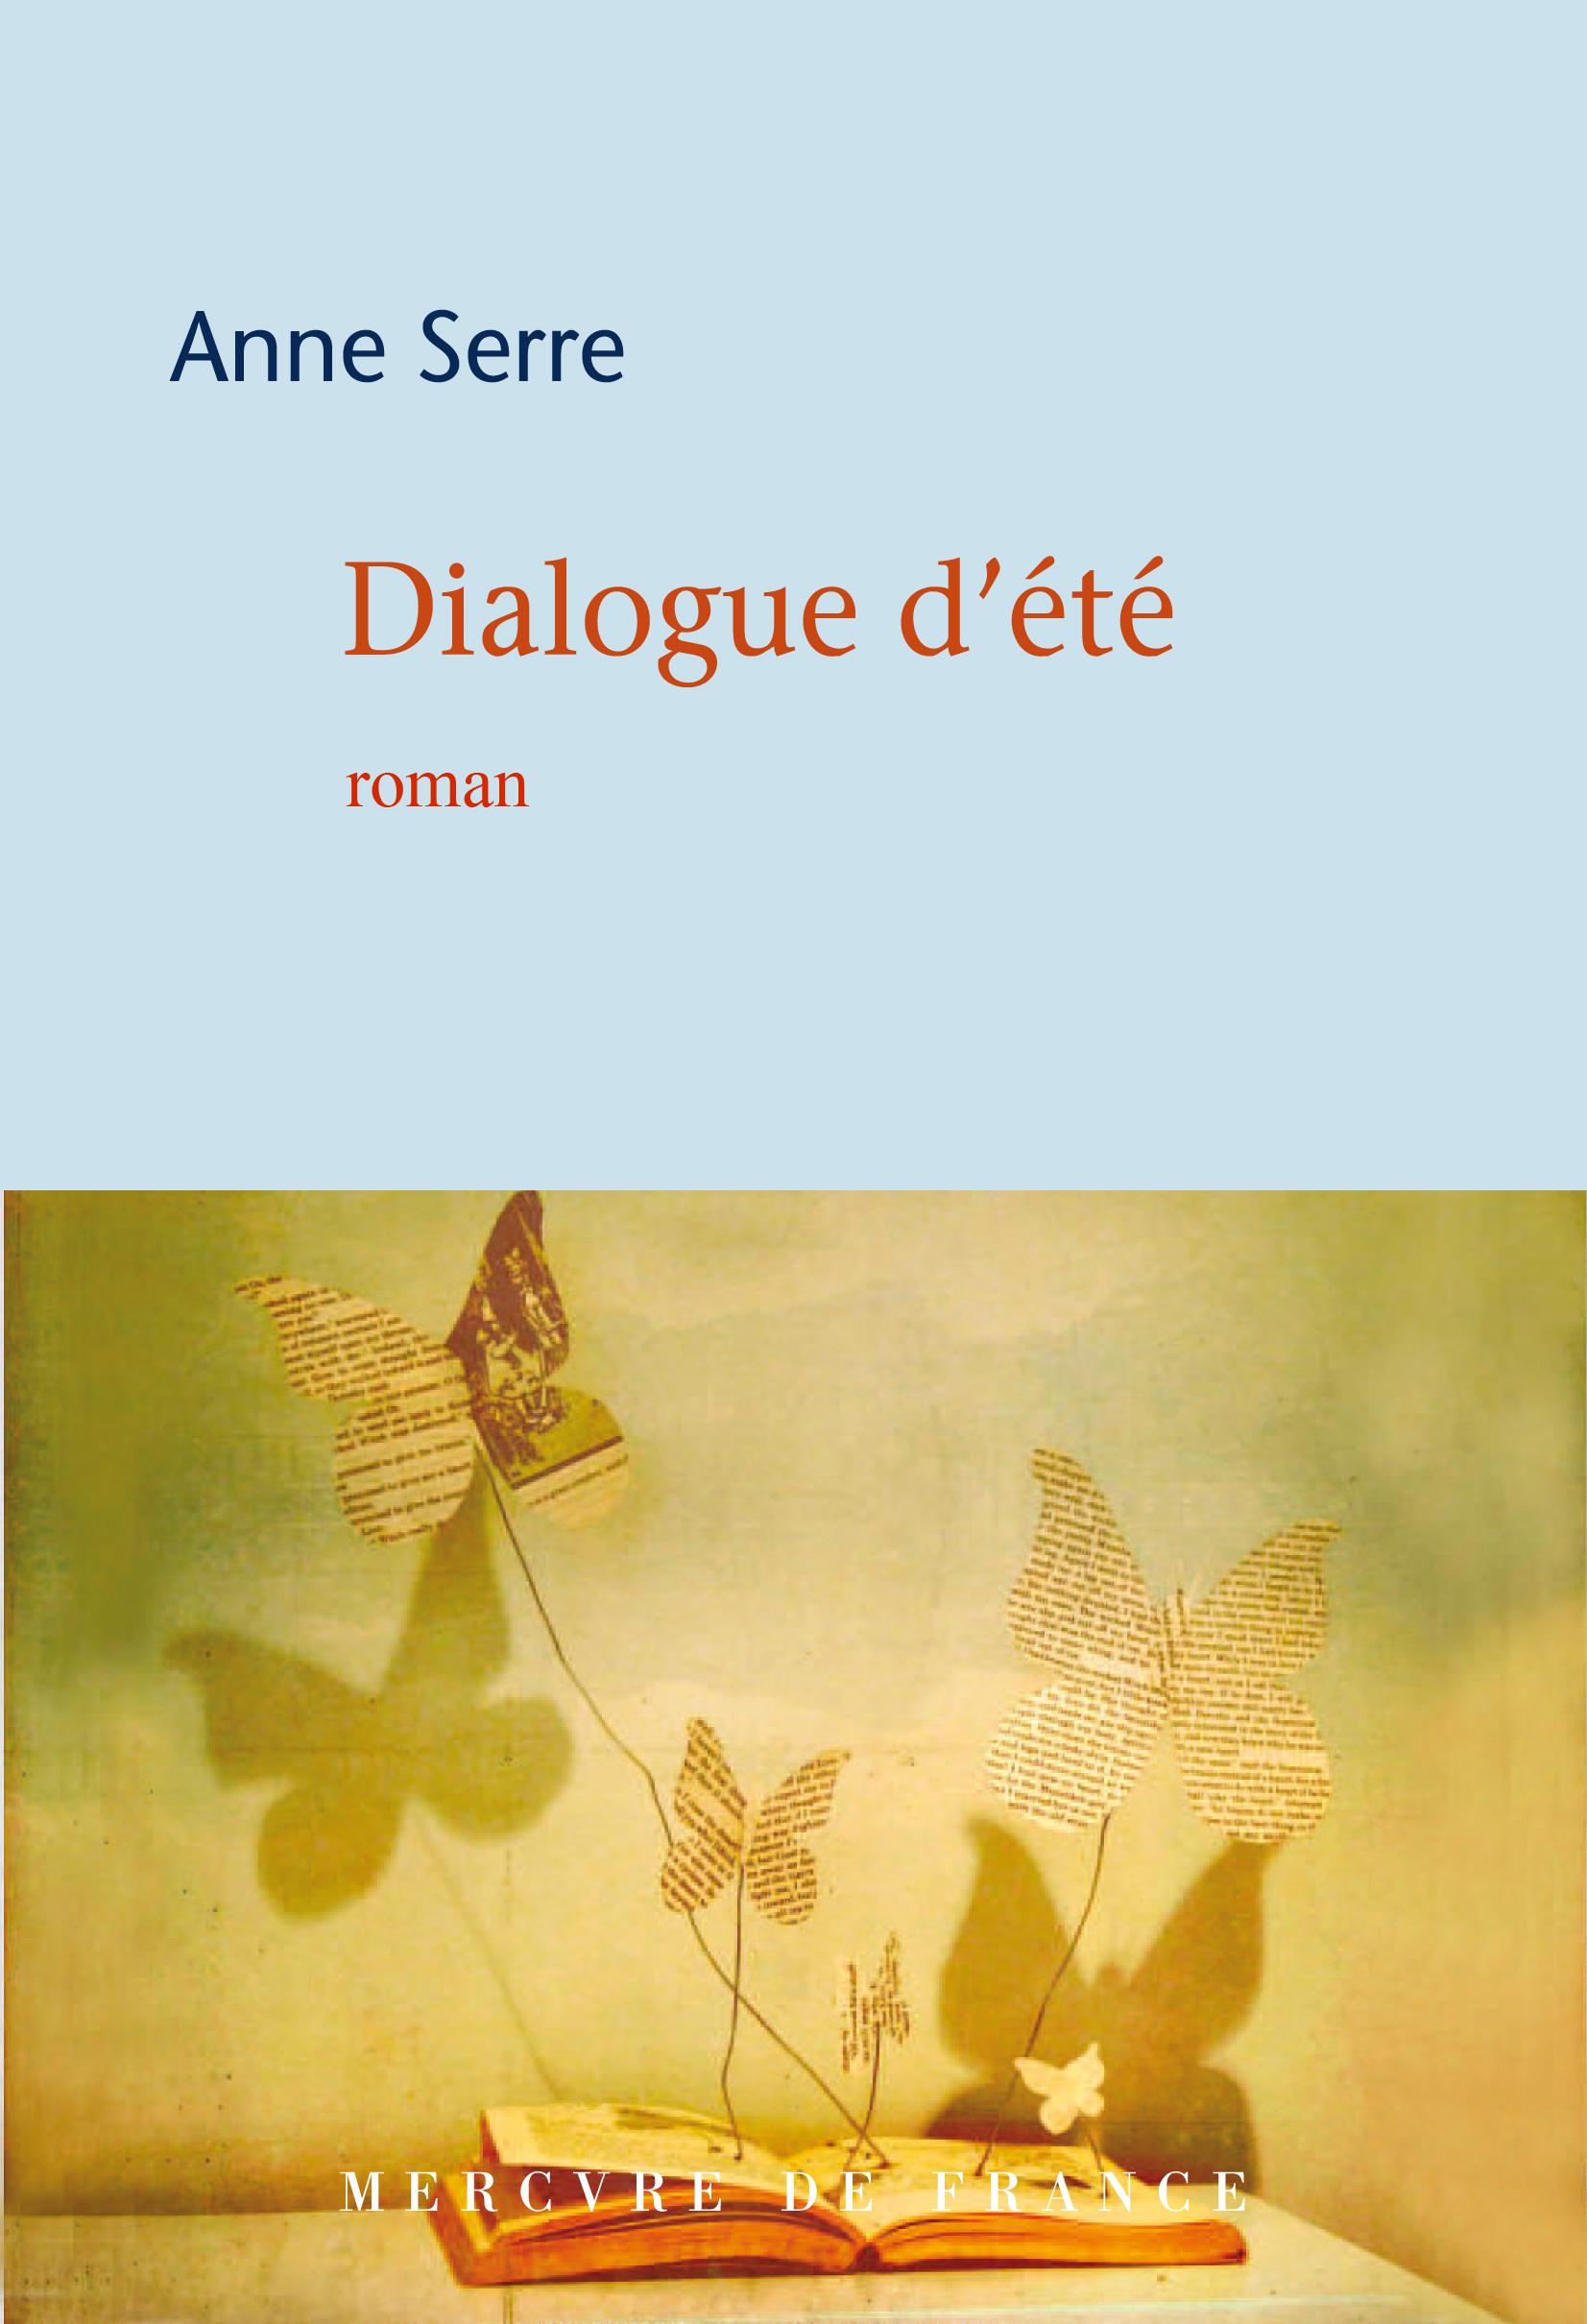 Dialogue d'été